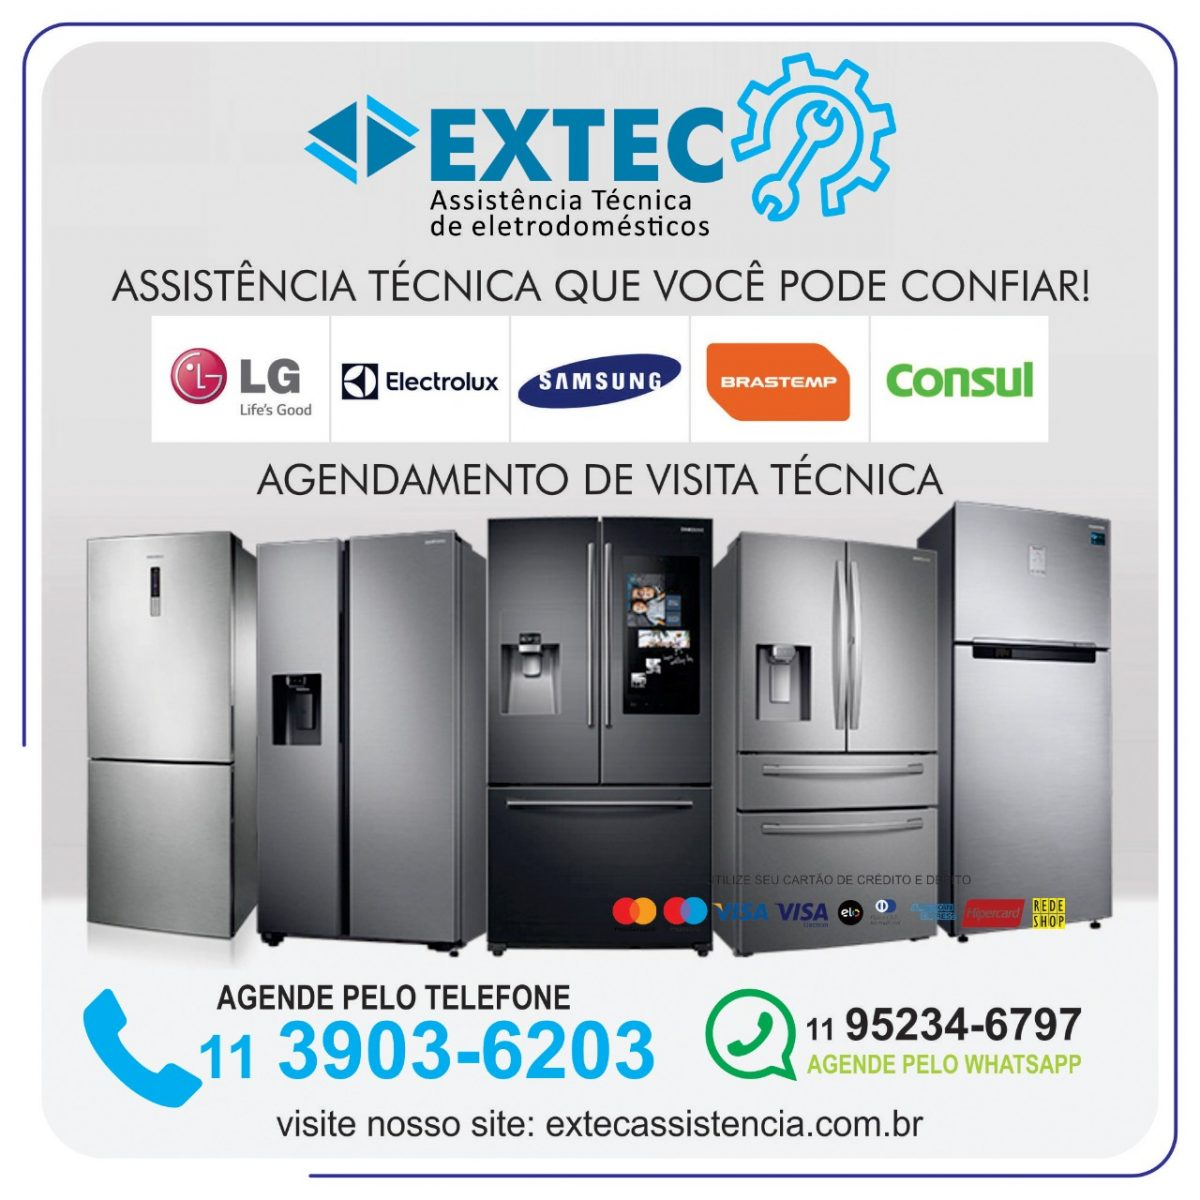 extecassistencia.com.br-refrigeradores-marcas